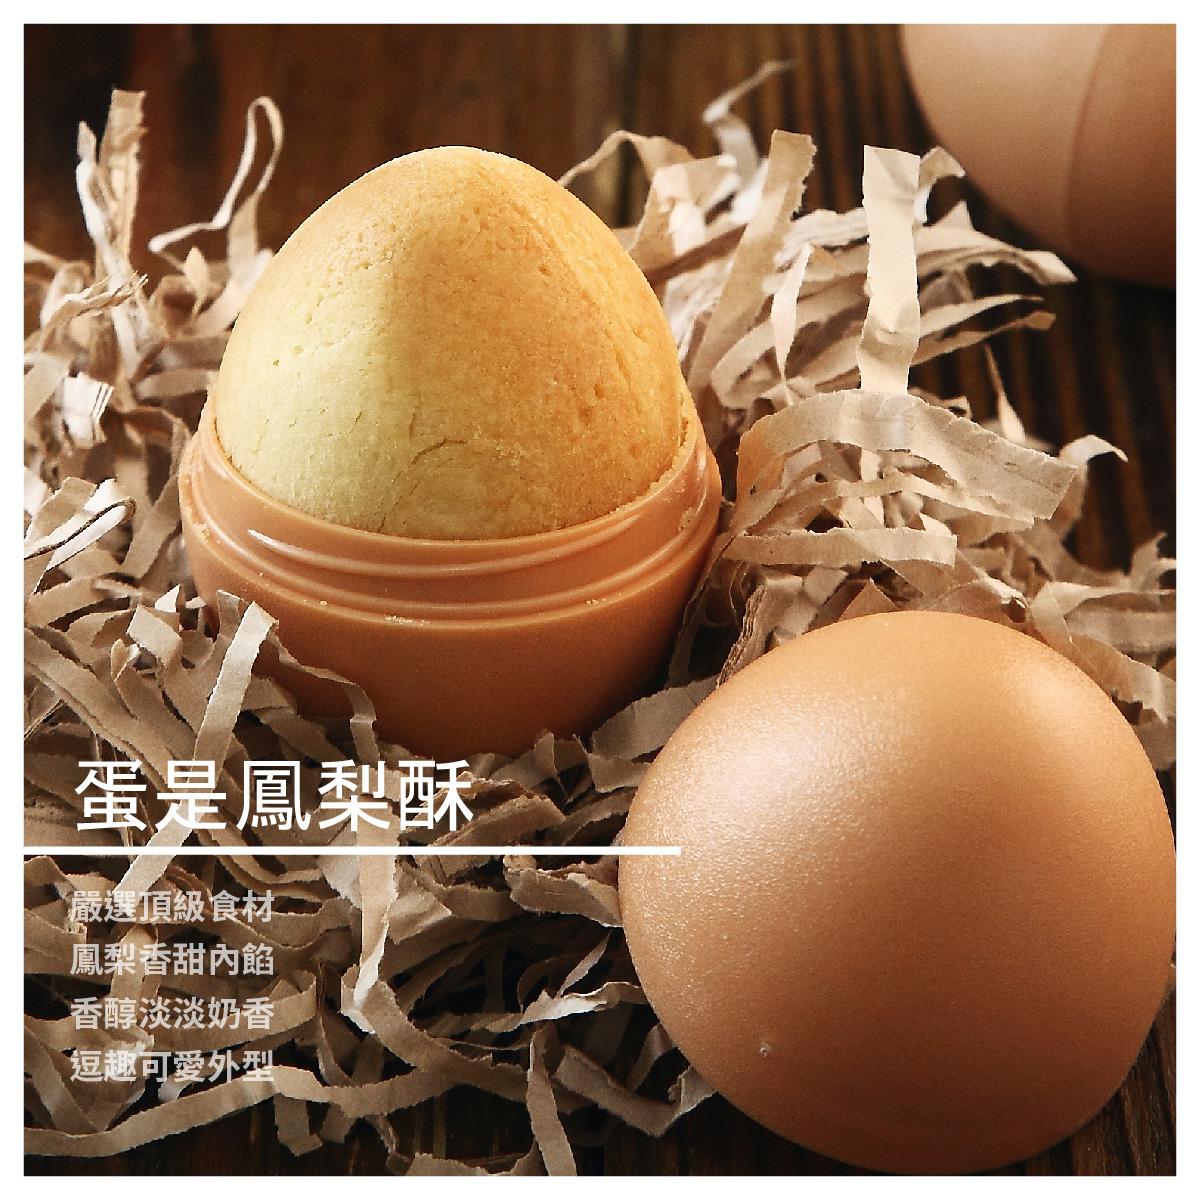 【木匠手作甜點】蛋是鳳梨酥 10顆/盒